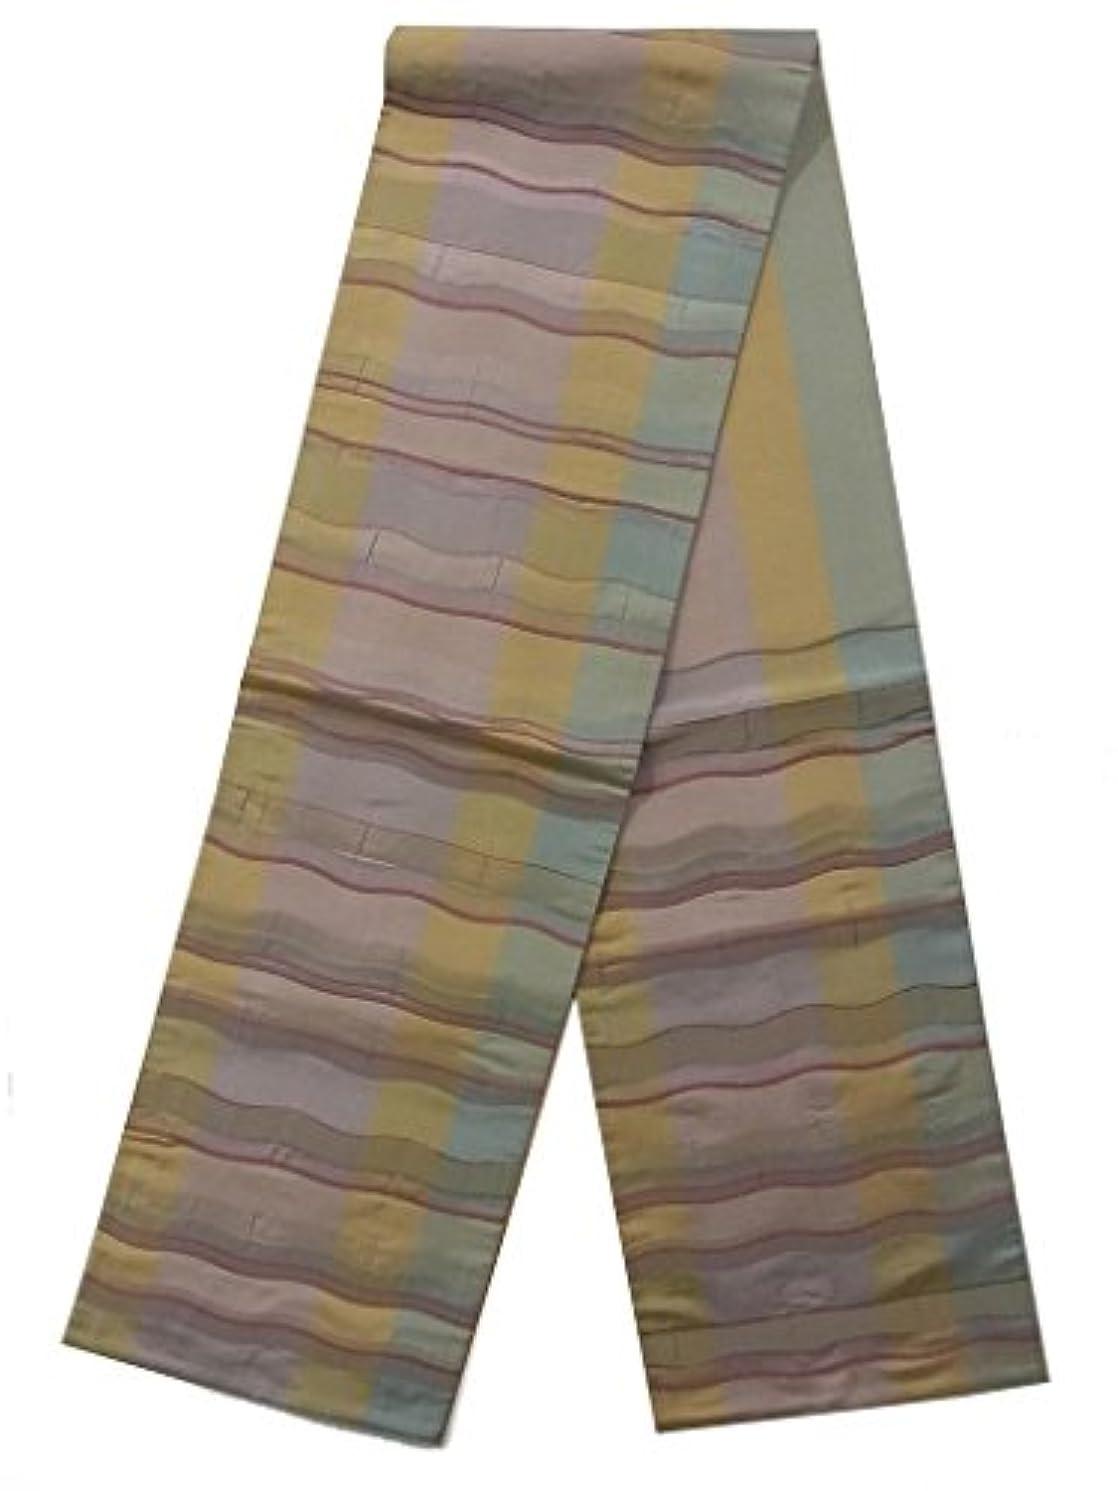 ナラーバー災害破裂リサイクル 袋帯  よろけ縞模様 正絹 六通柄